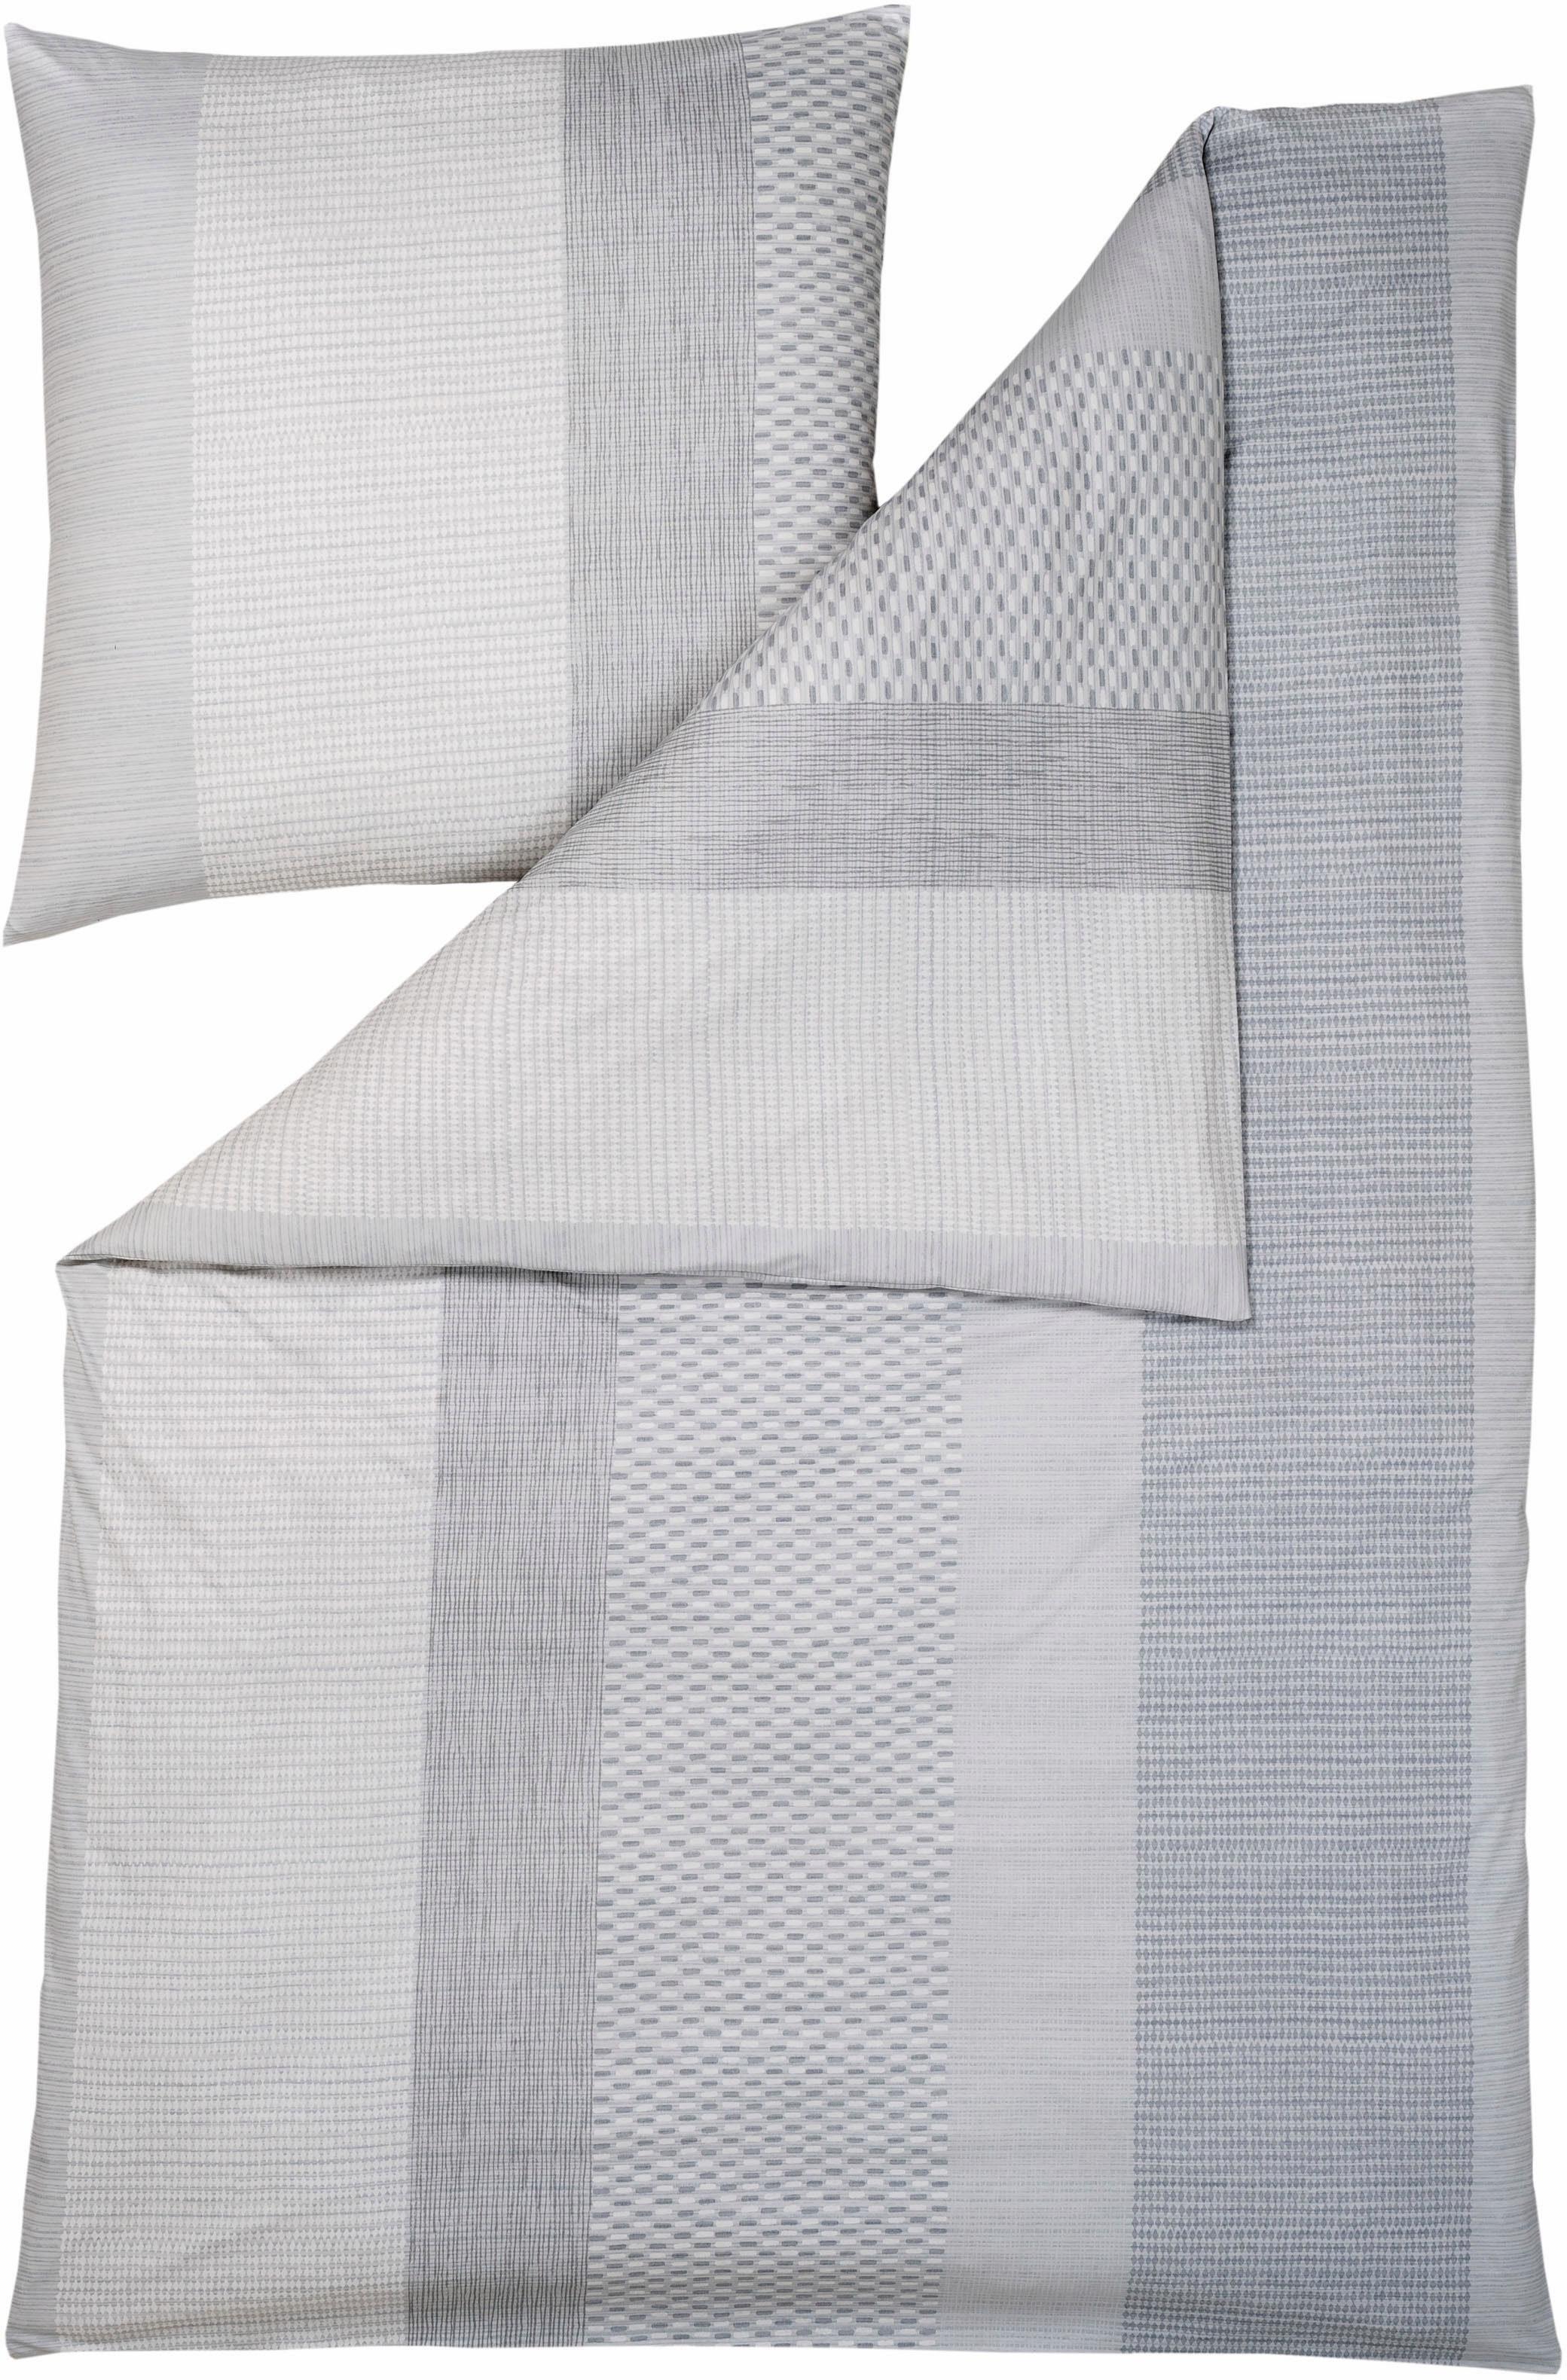 Bettwäsche, Estella Atelier, »Jona«, mit Muster